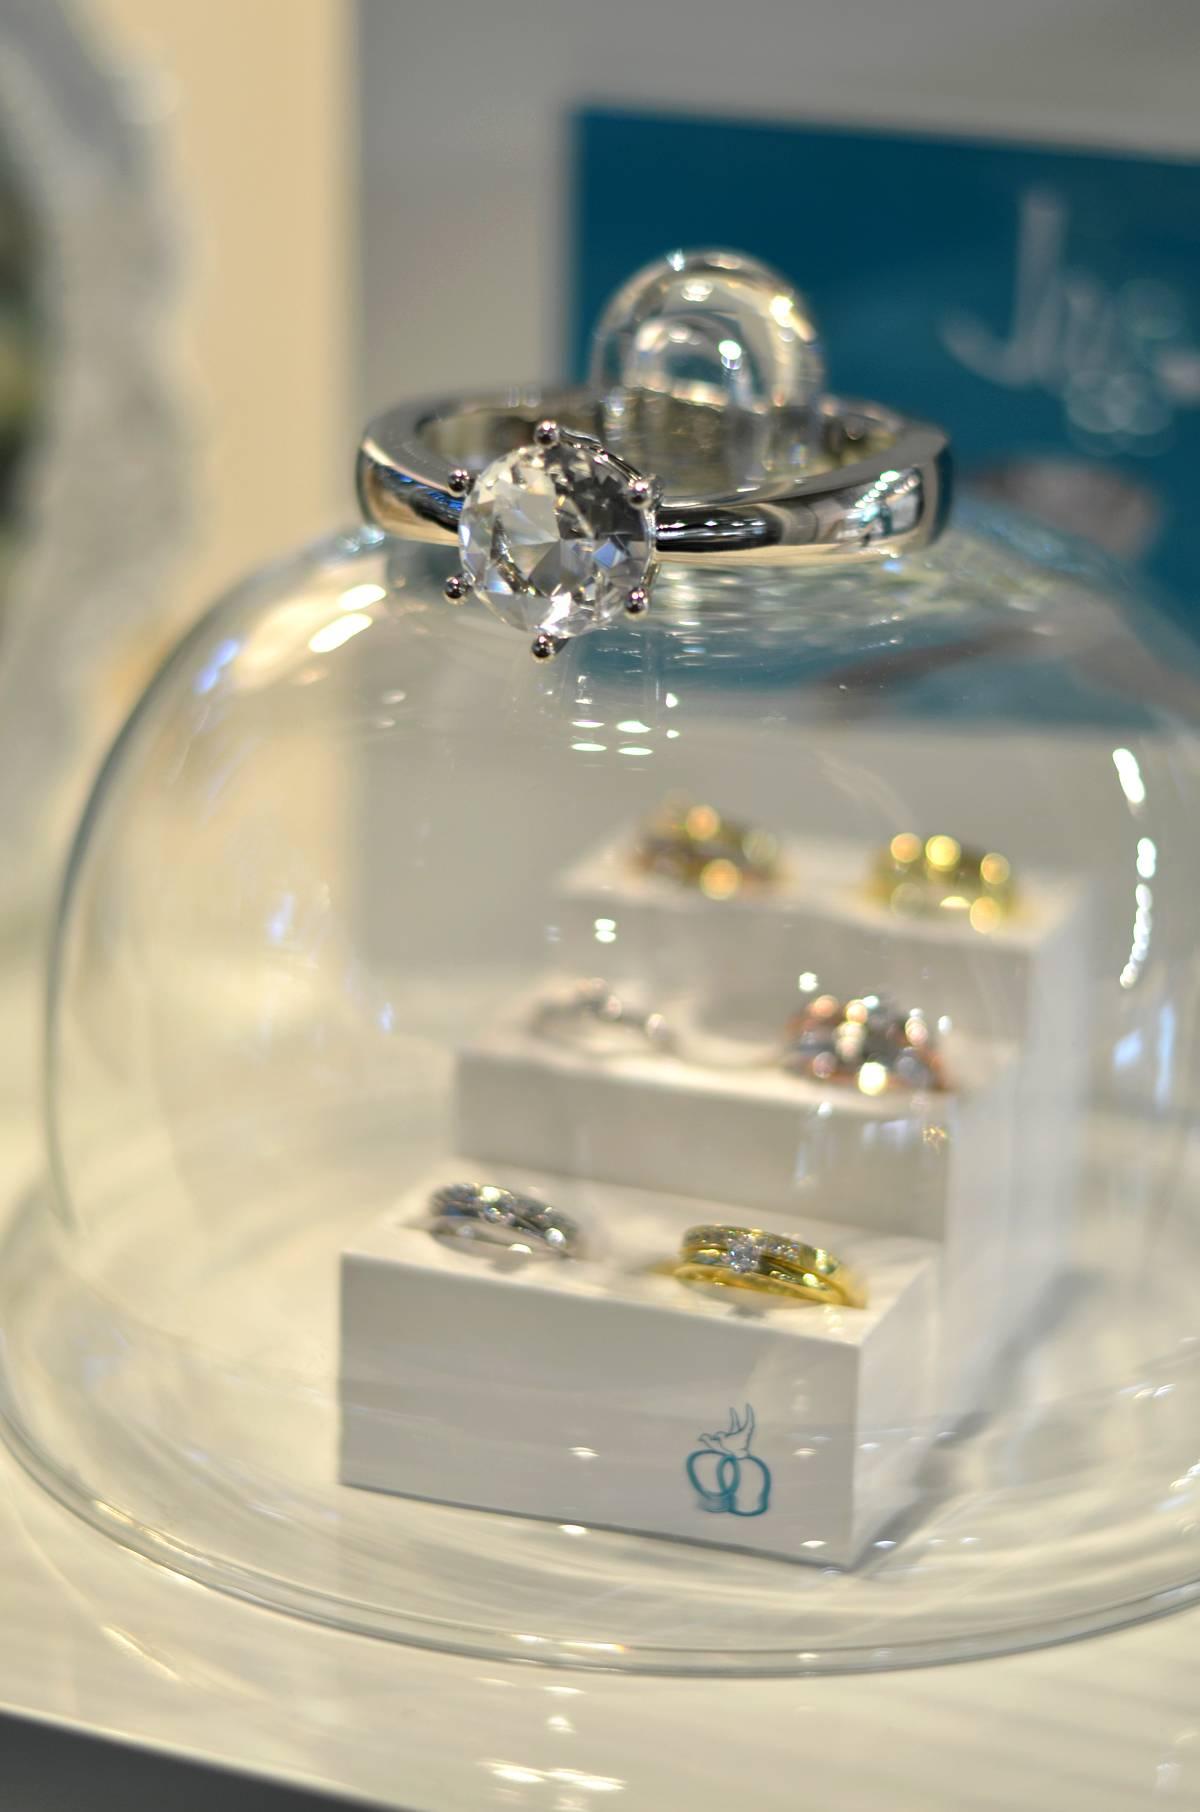 Bridal Trends - Perfet Wedding - 2016 - Inhorgenta - Munich - München - Messe - Fair - Jewellery - Jewelry - Schmuck - Hochzeit - Trends - Review - Fashionblogger - Luxury